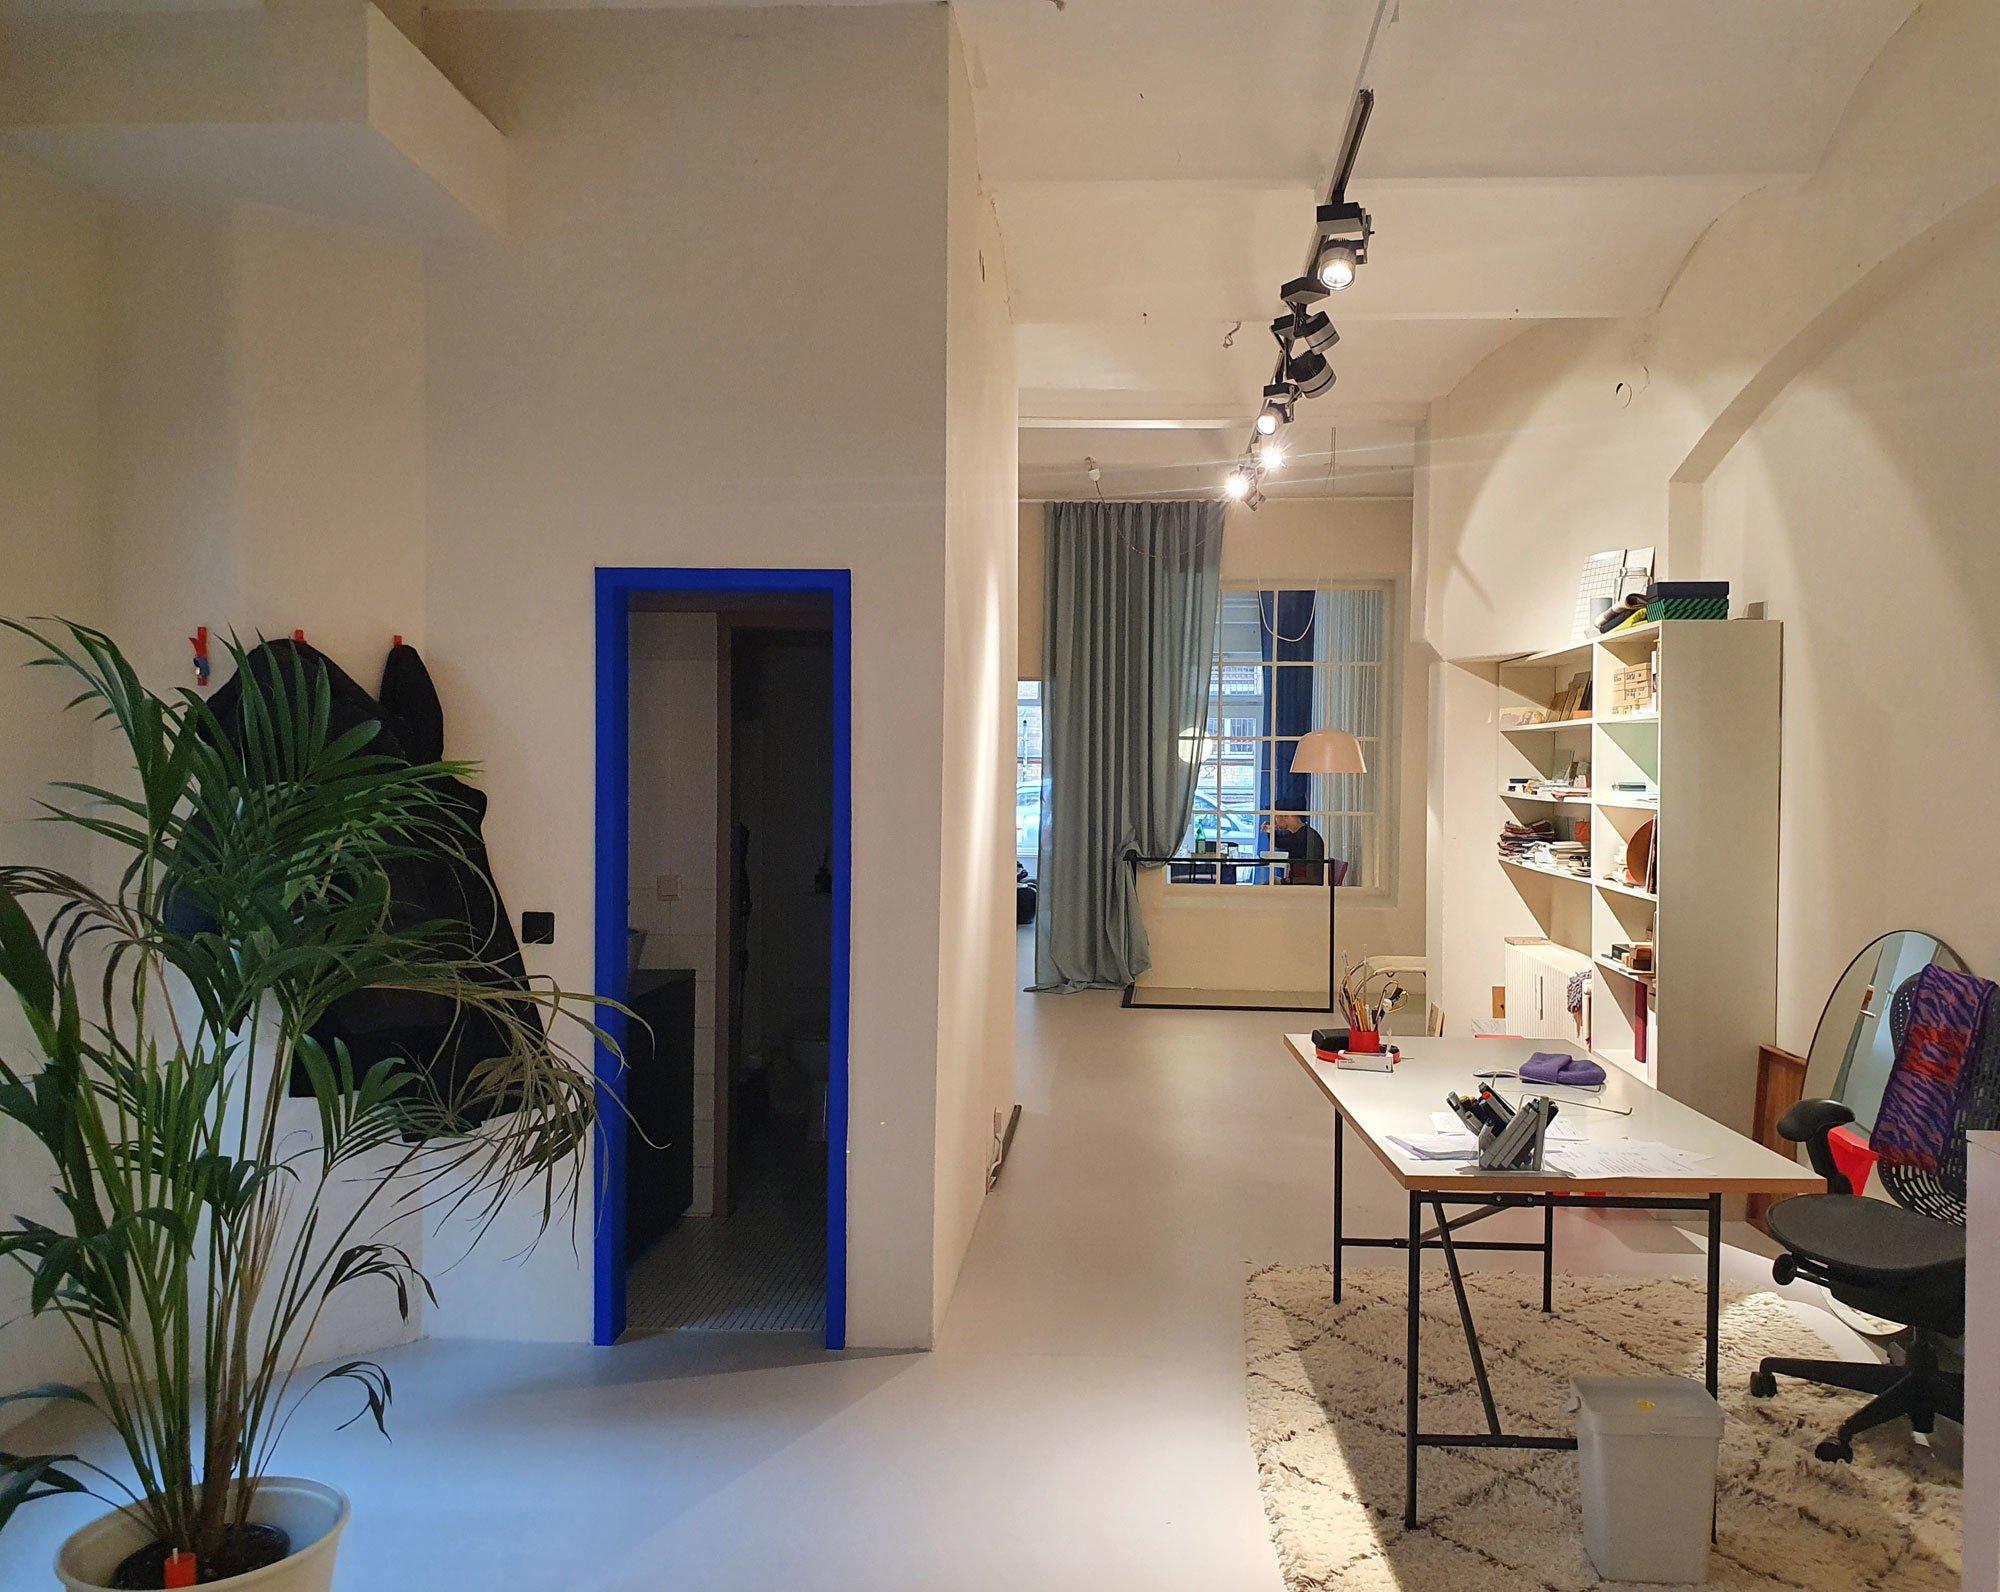 Das Studio geht in das Hinterhaus über, von hier hat man einen Zugang zum typischen Berliner Hinterhof. Foto/ Copyright: Claudia Simone Hoff